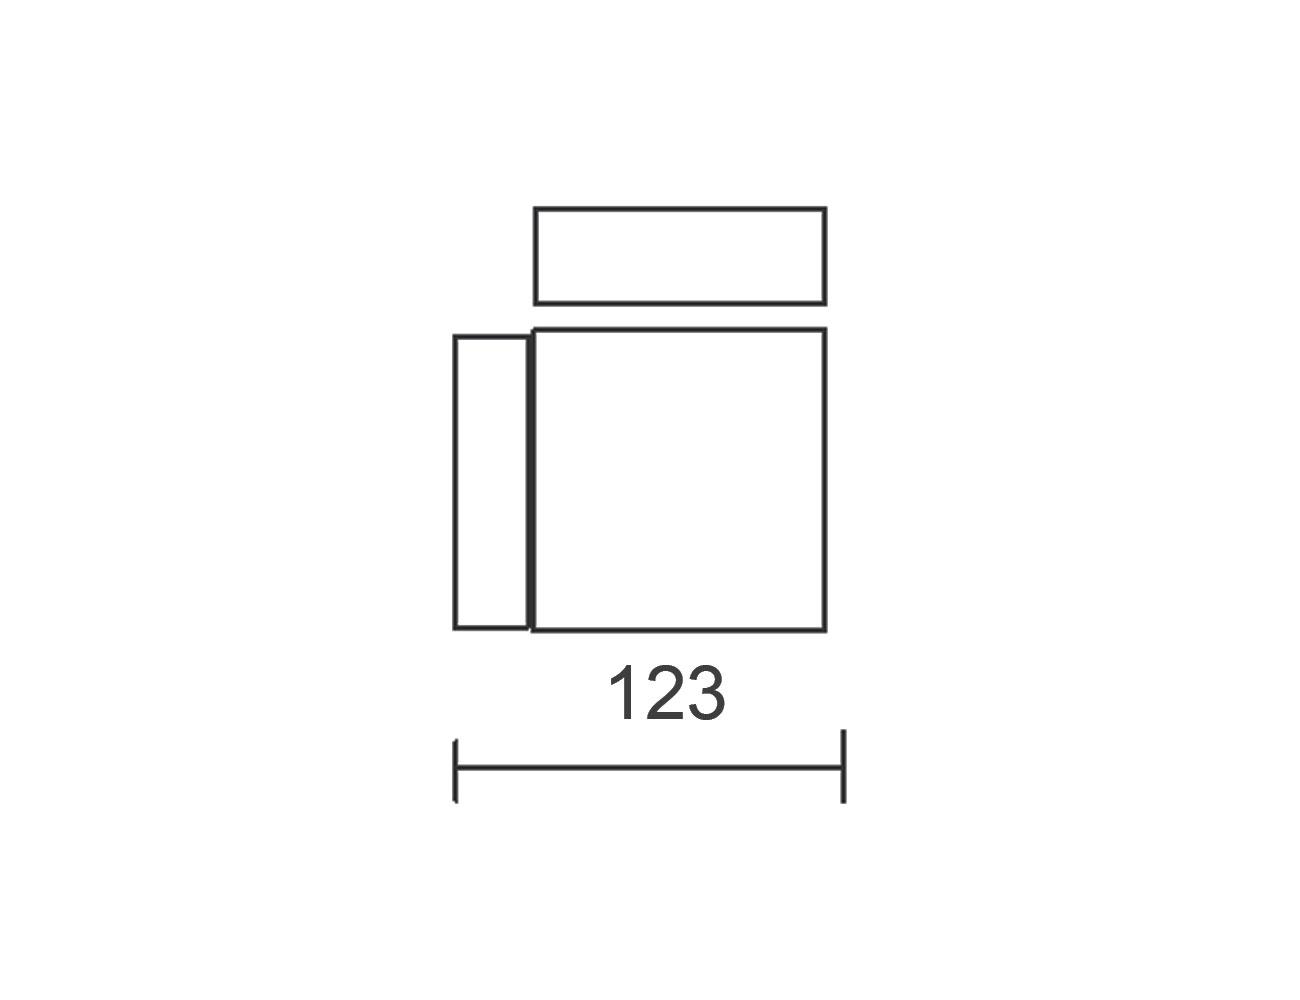 Modulo 1233